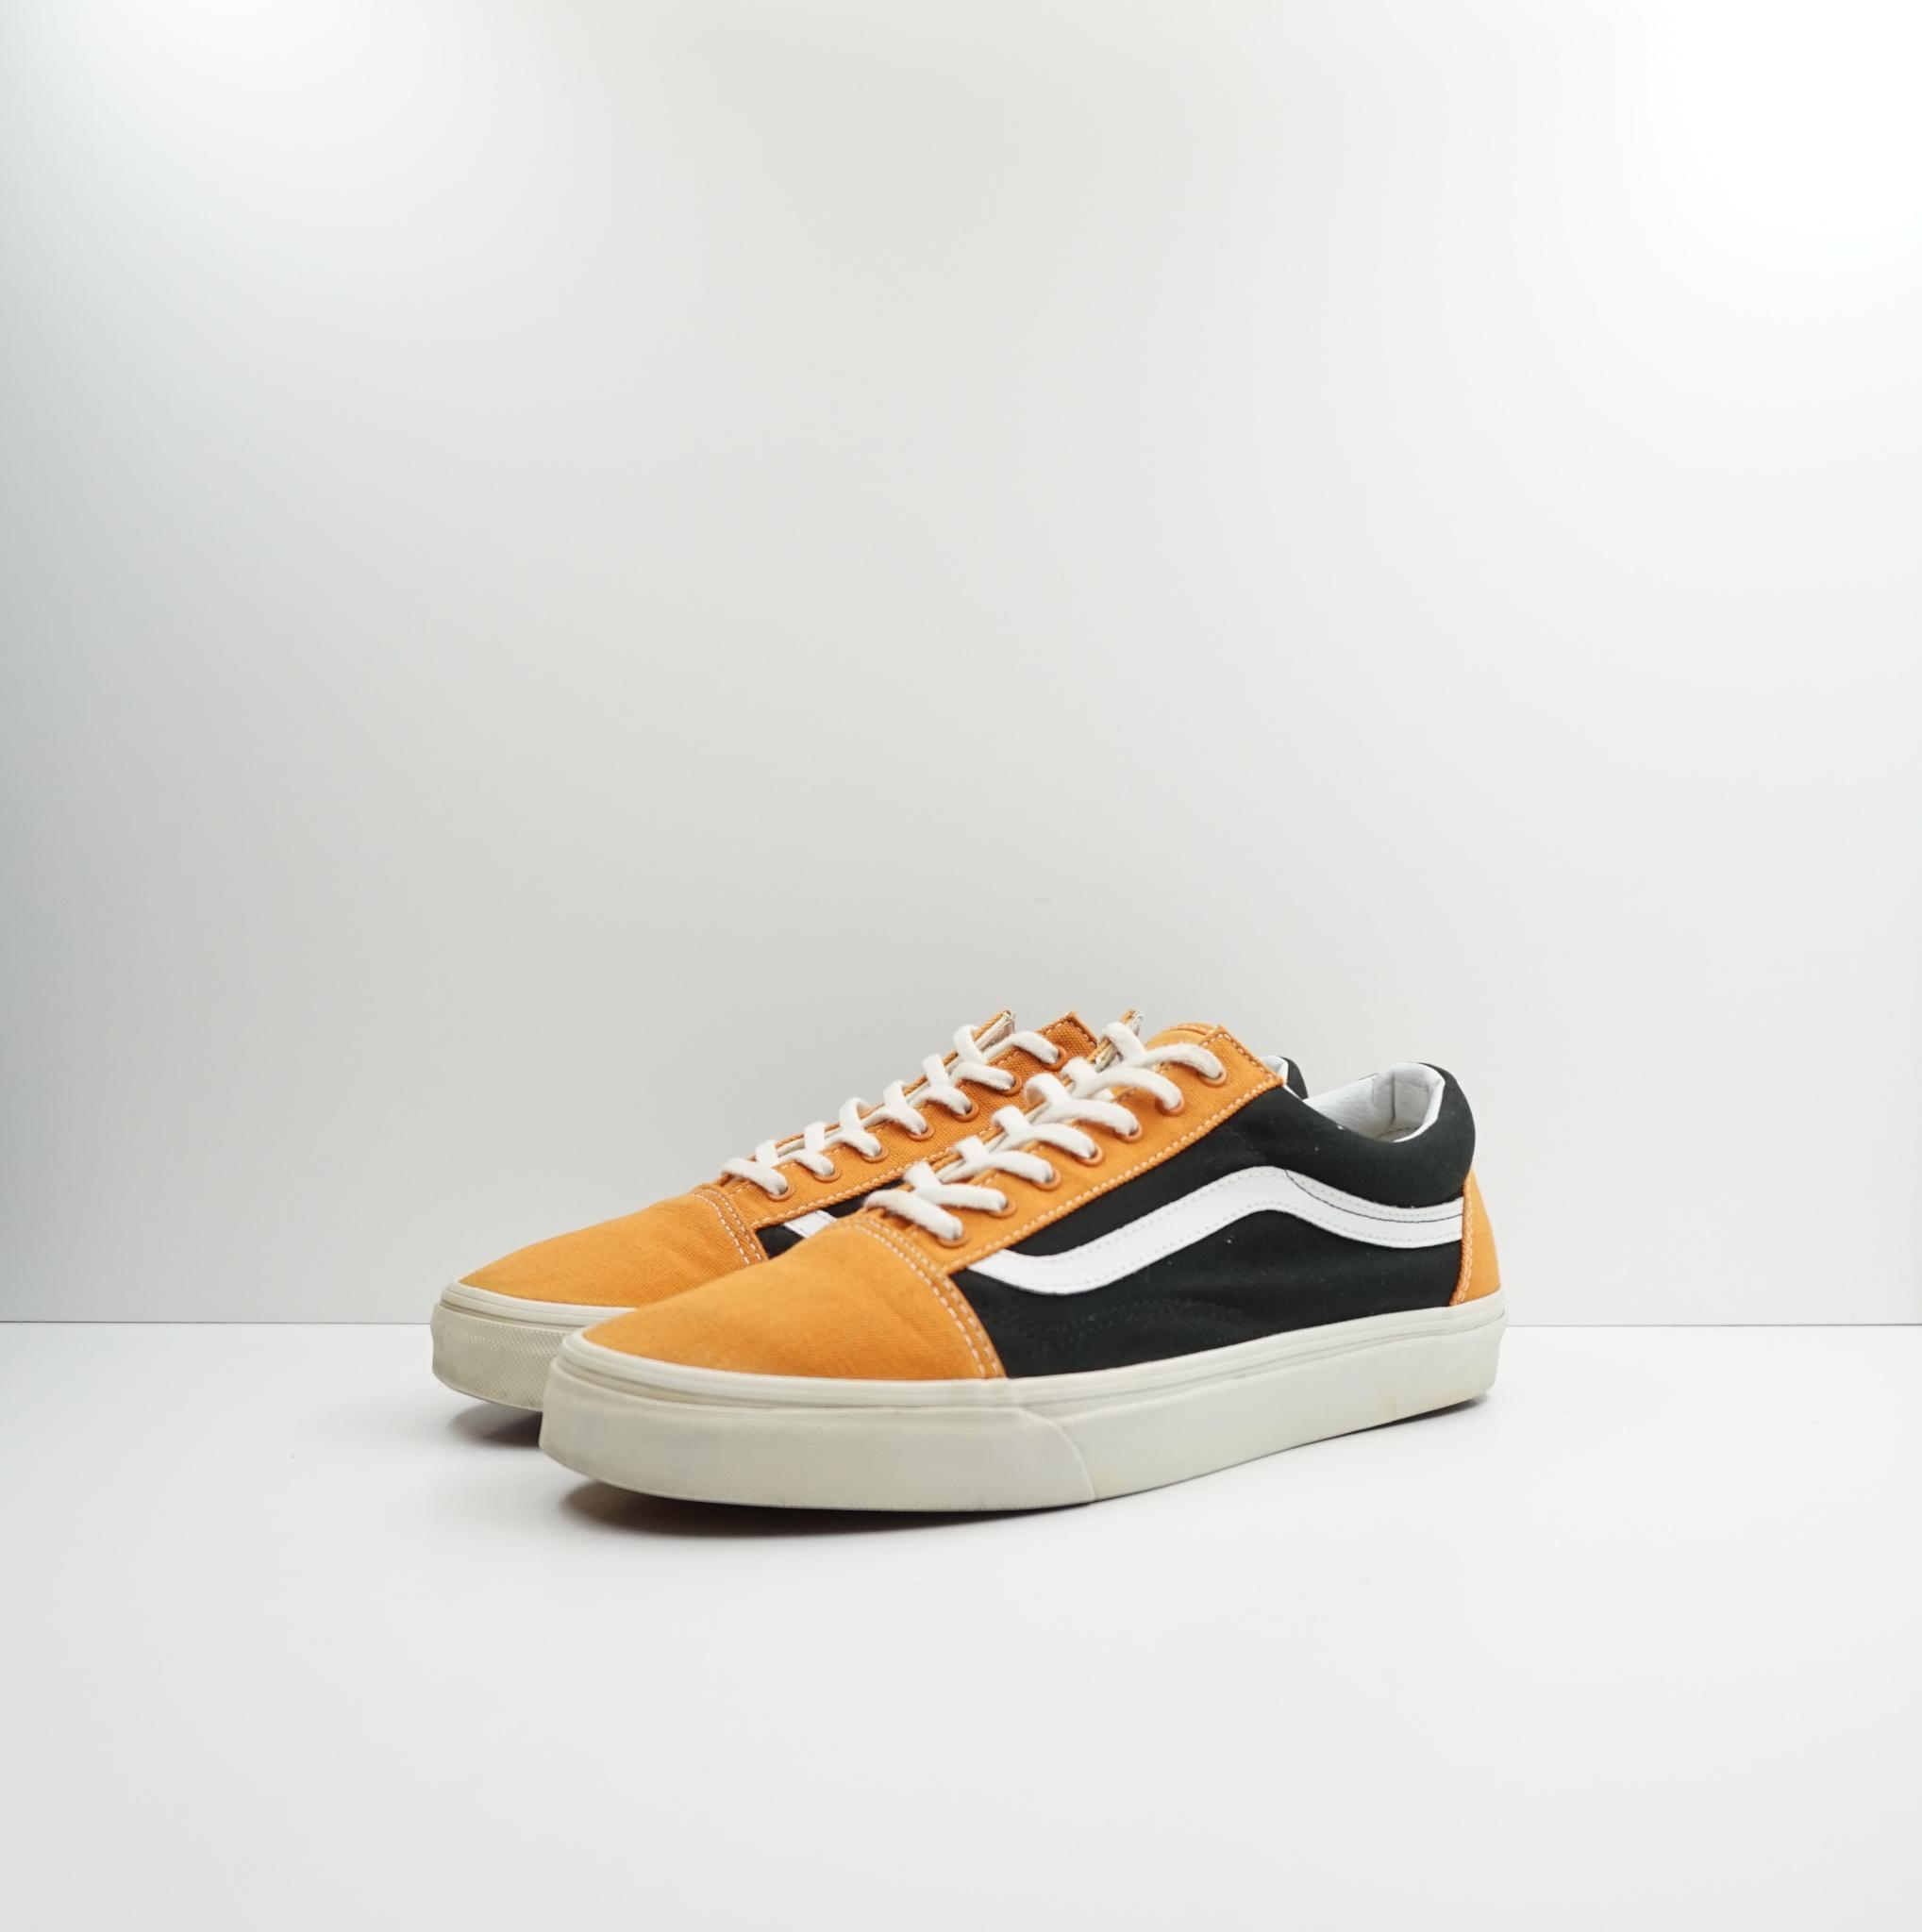 Vans Old Skool Orange/Black